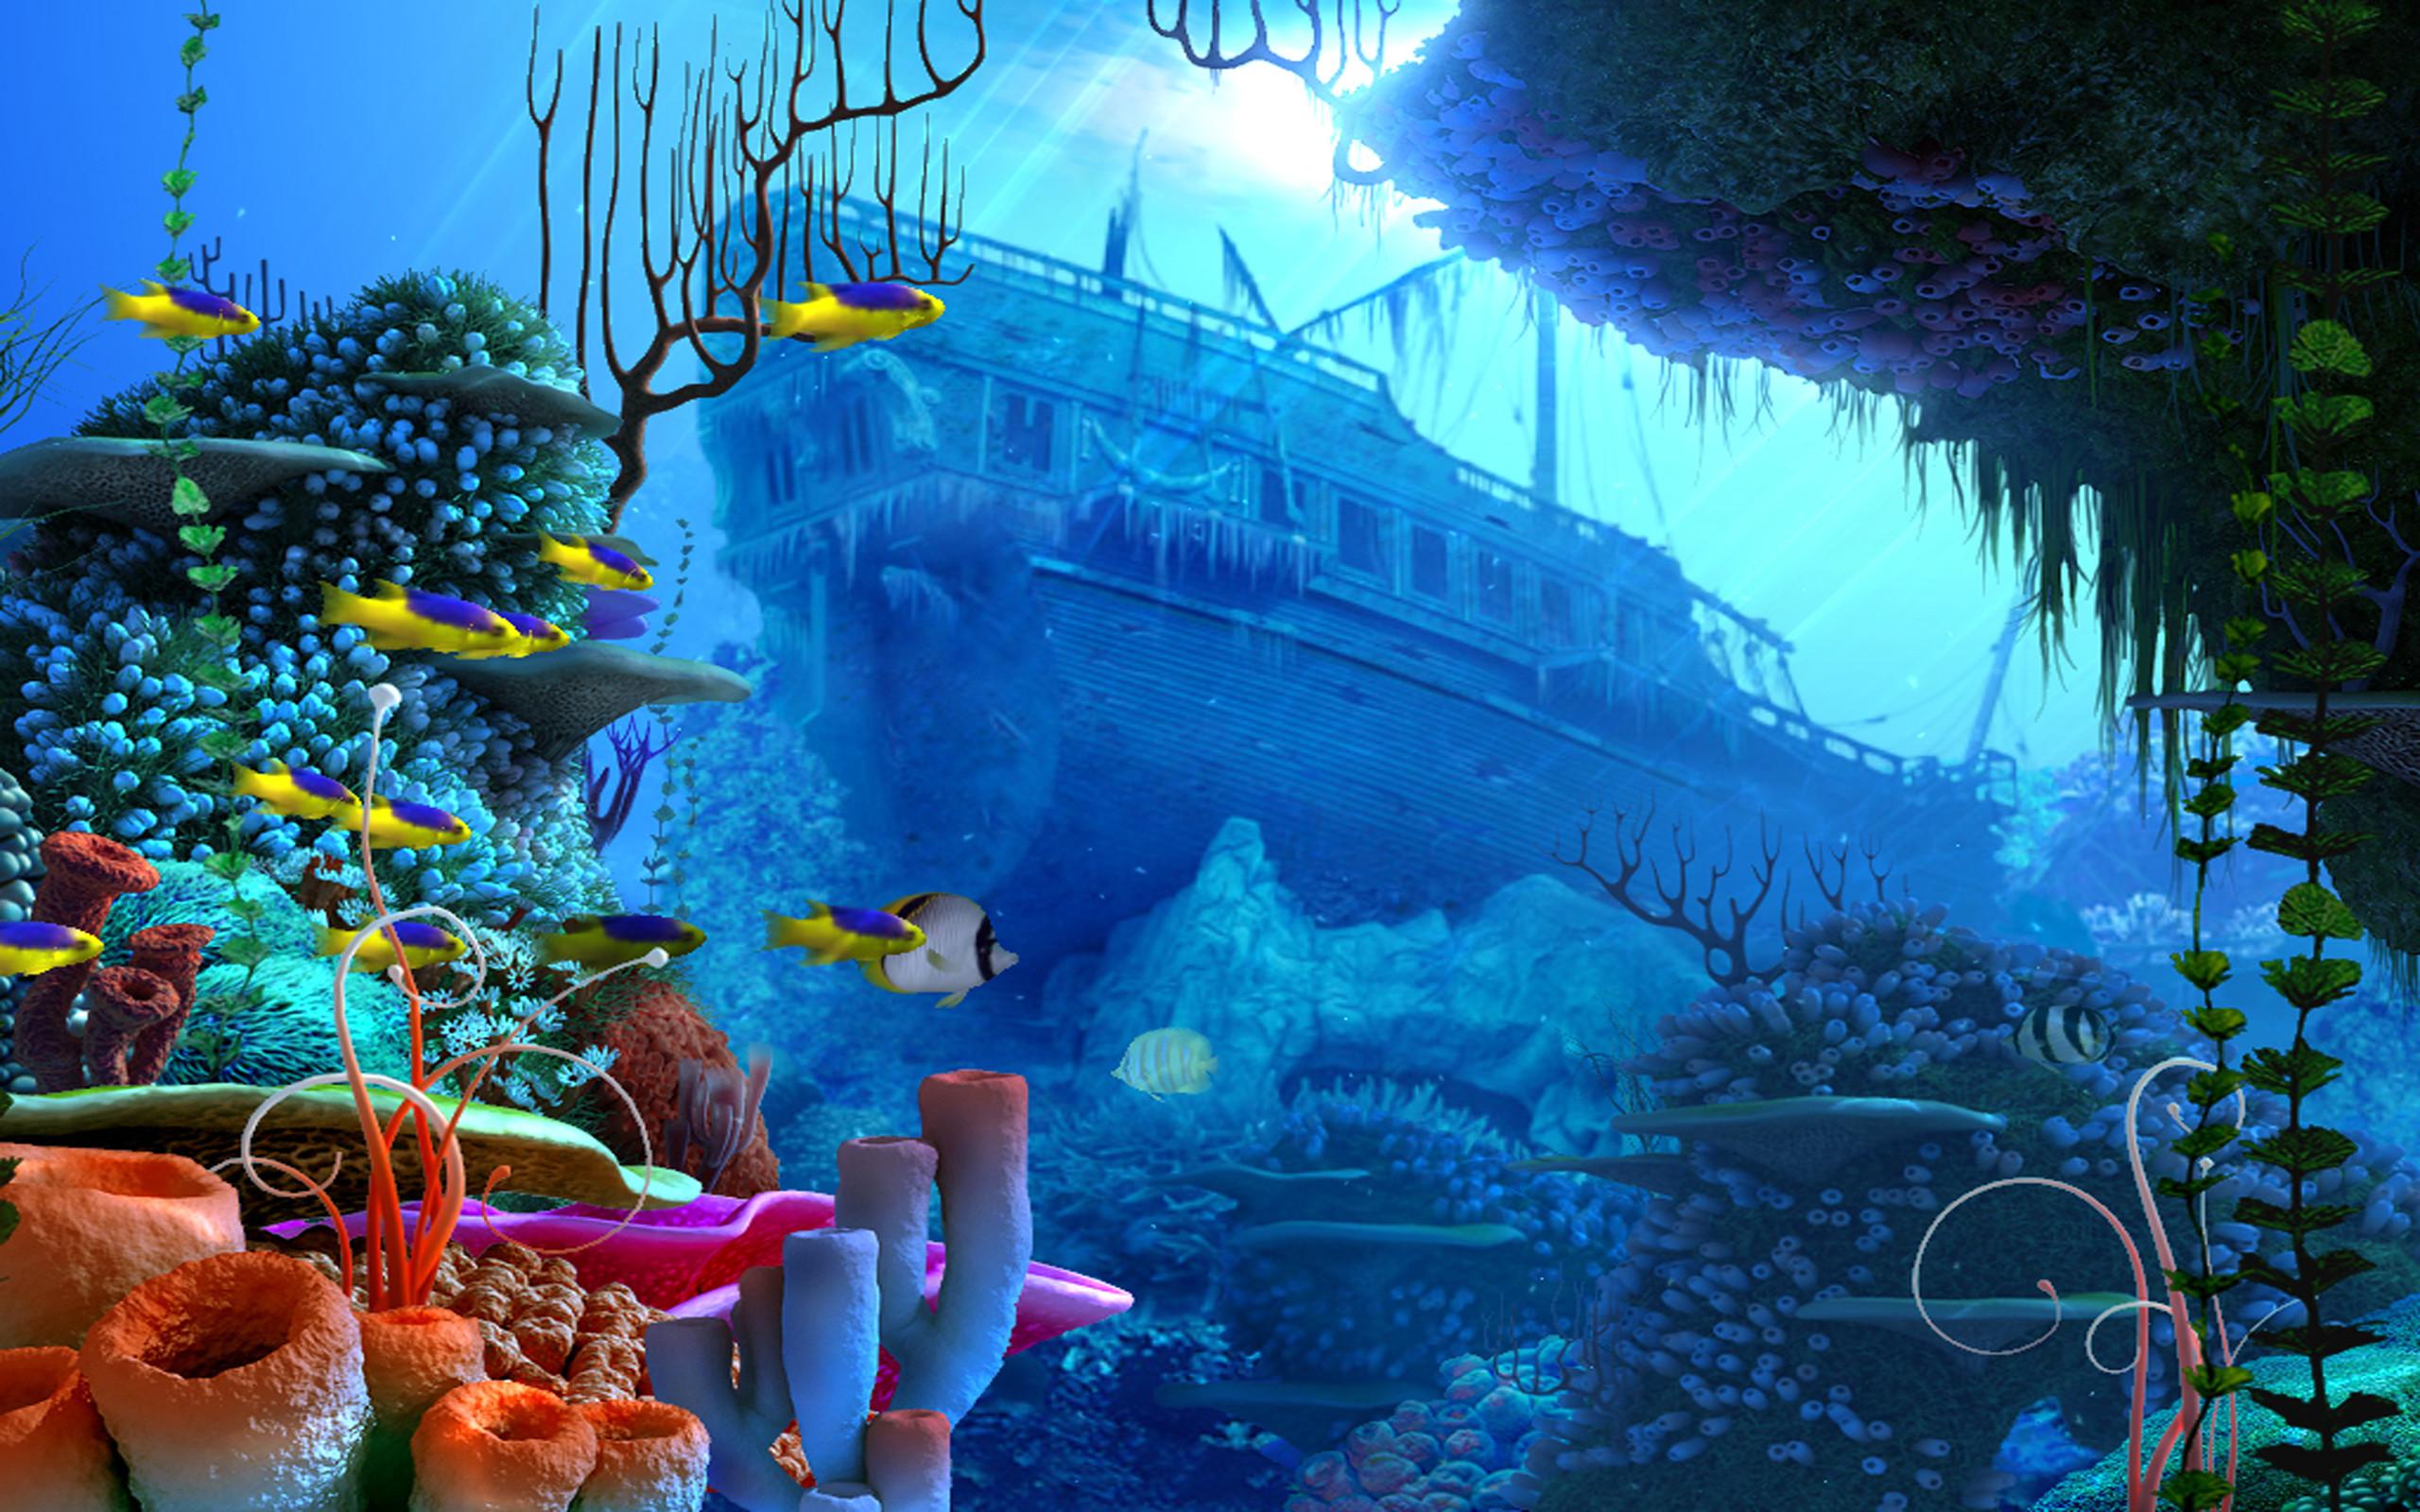 Underwater Wallpaper